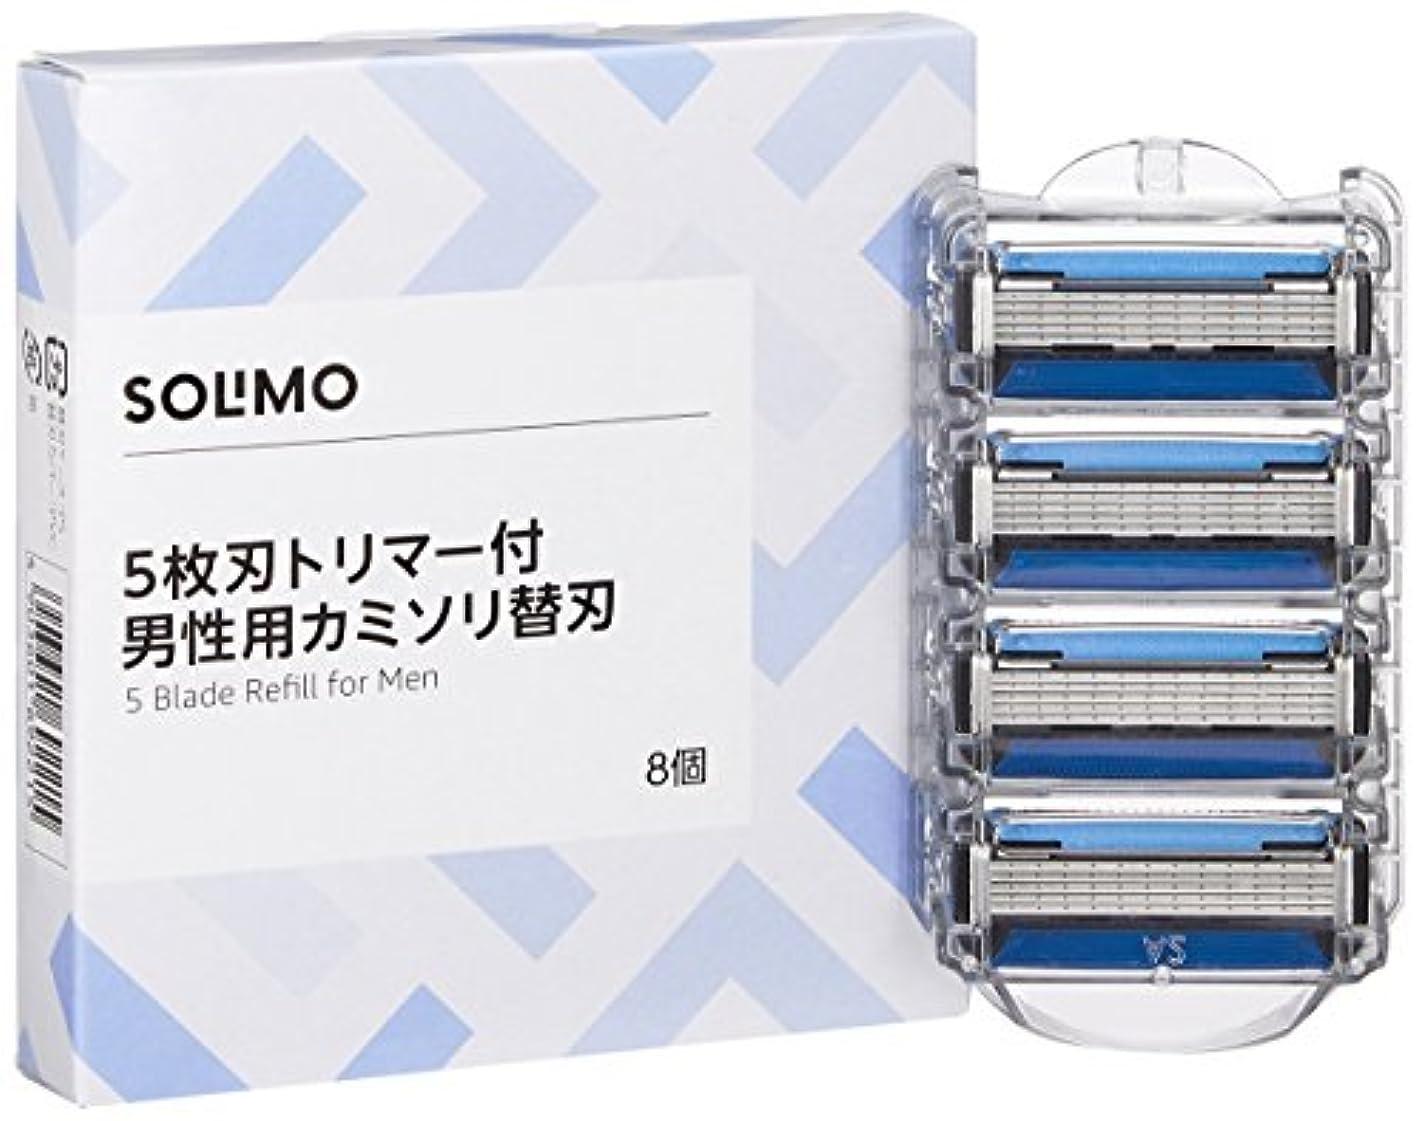 本会議記念日途方もない[Amazonブランド]SOLIMO 5枚刃 トリマー付 男性用 カミソリ替刃8個